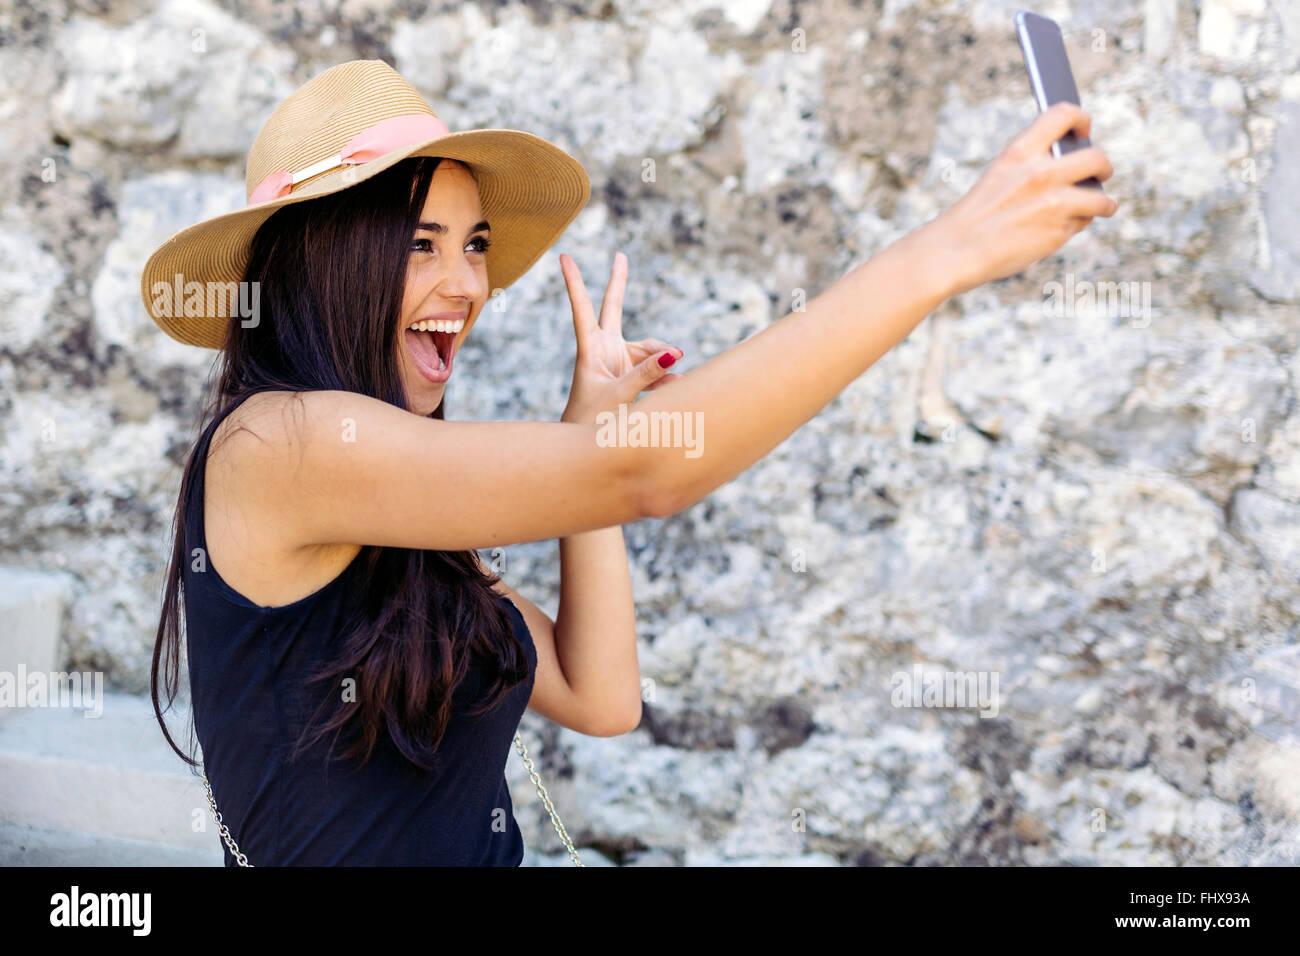 Hermosa morenita tomando selfie de sí para compartir con amigos Imagen De Stock